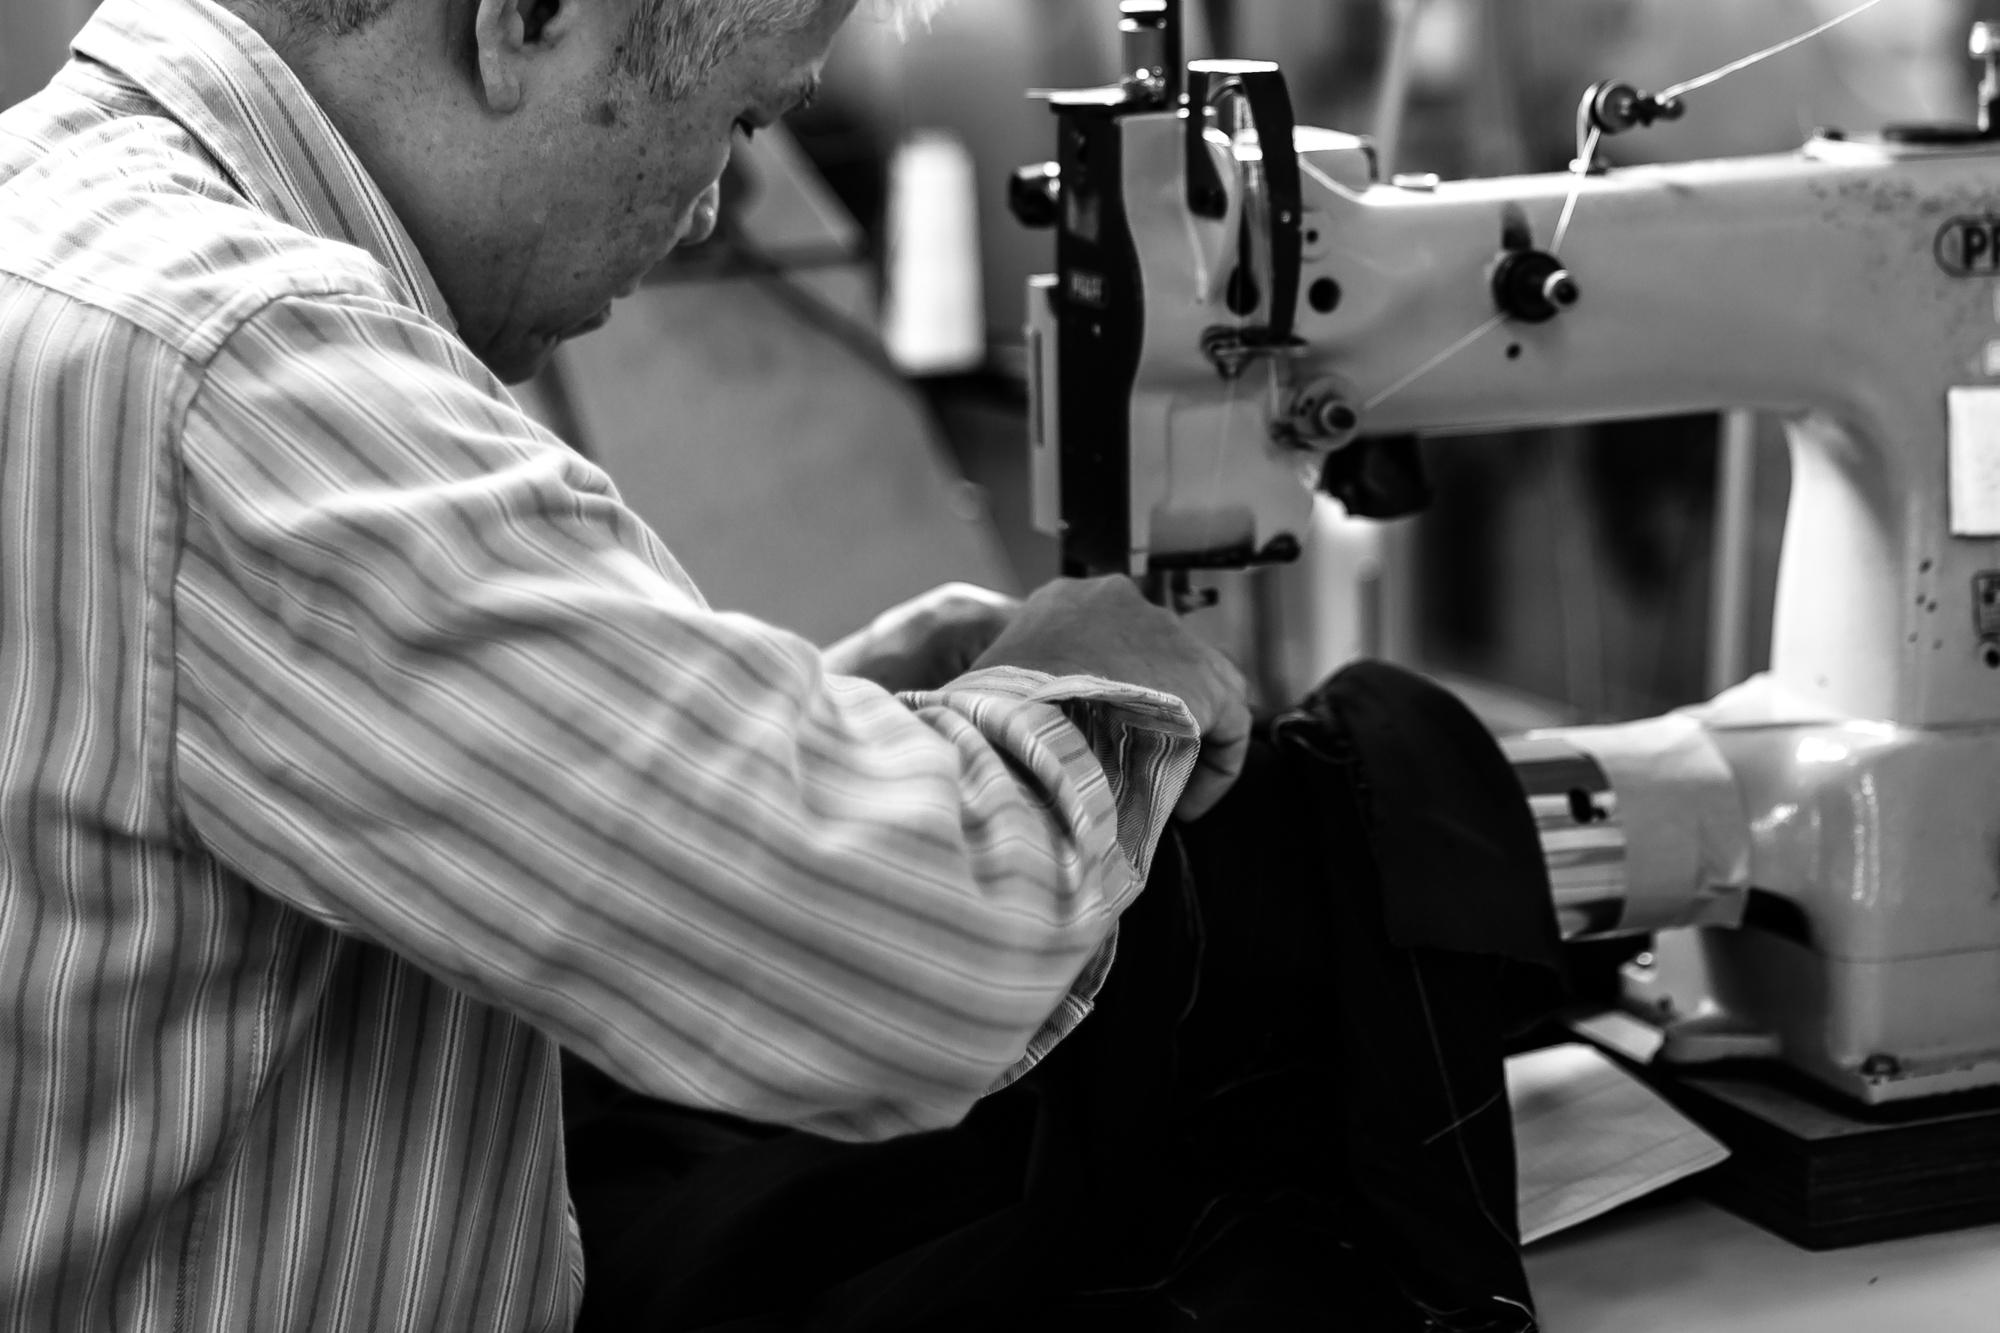 縫製工場 イージーオーダーファクトリー イメージ